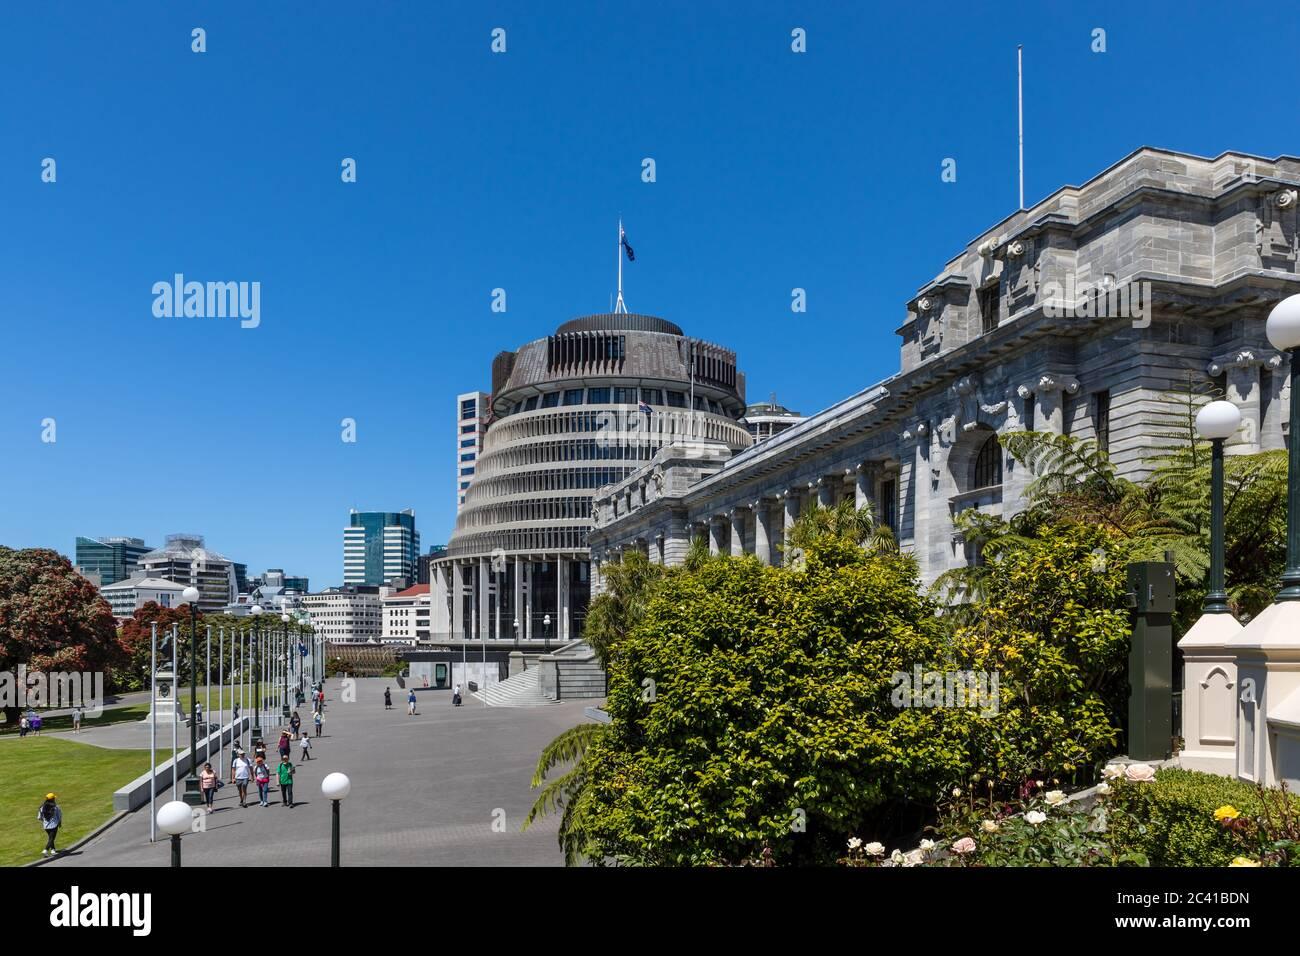 Wellington, Nueva Zelanda: El 'Beehive' (izquierda) es el nombre común para el ala ejecutiva del edificio del Parlamento de Nueva Zelanda (derecha) Foto de stock